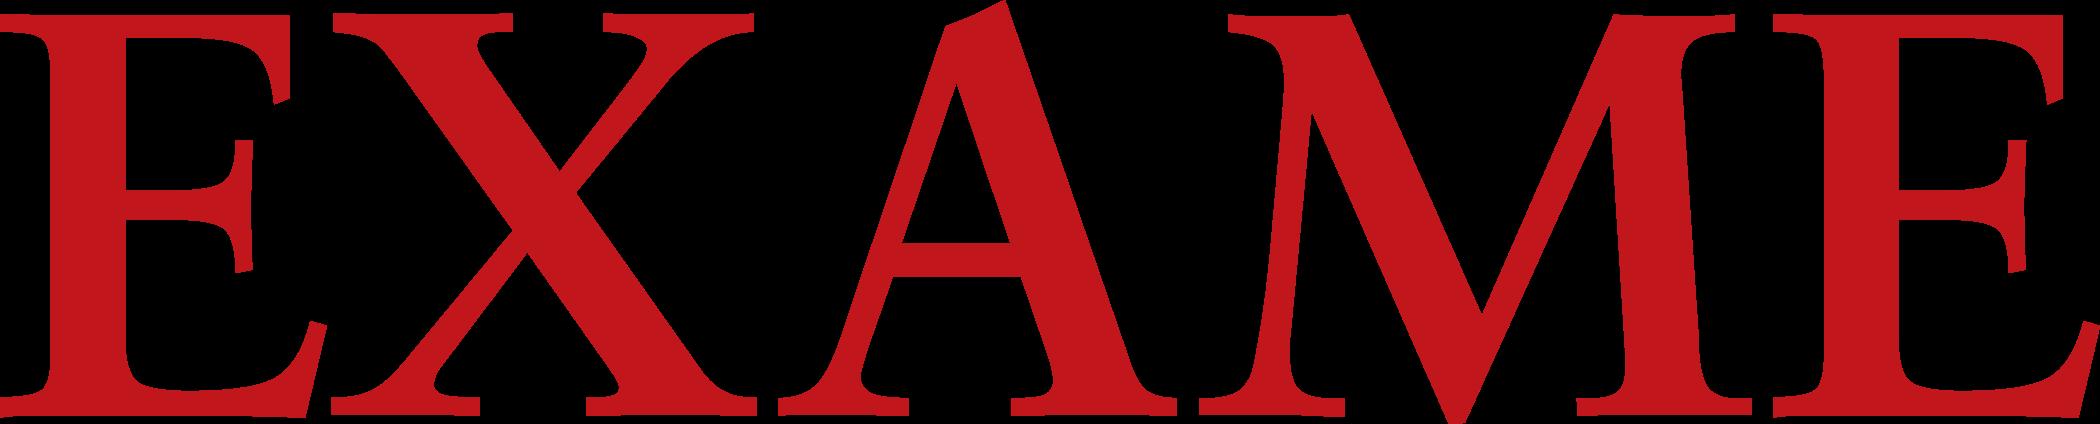 exame logo 2 - EXAME Logo (Revista)